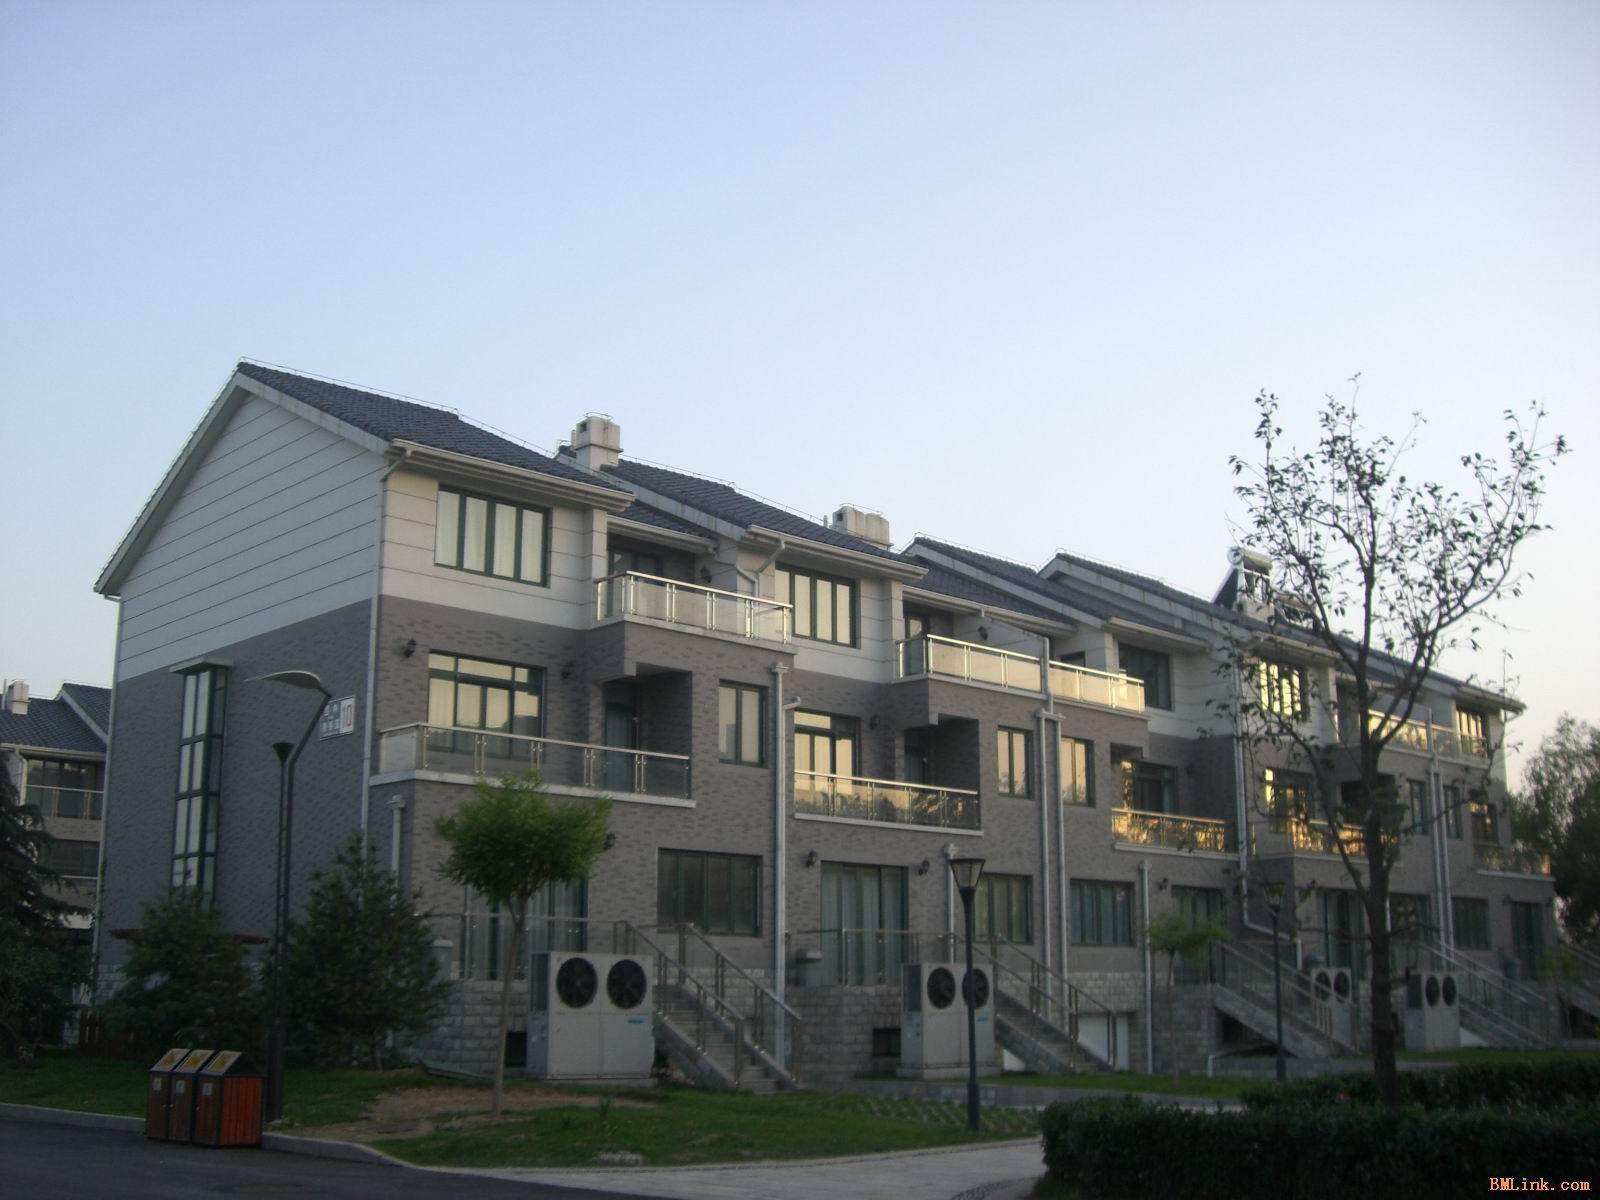 隐形纱门窗,玻璃制作不锈钢制品,阳光棚,各类玻璃产品,地下停车库